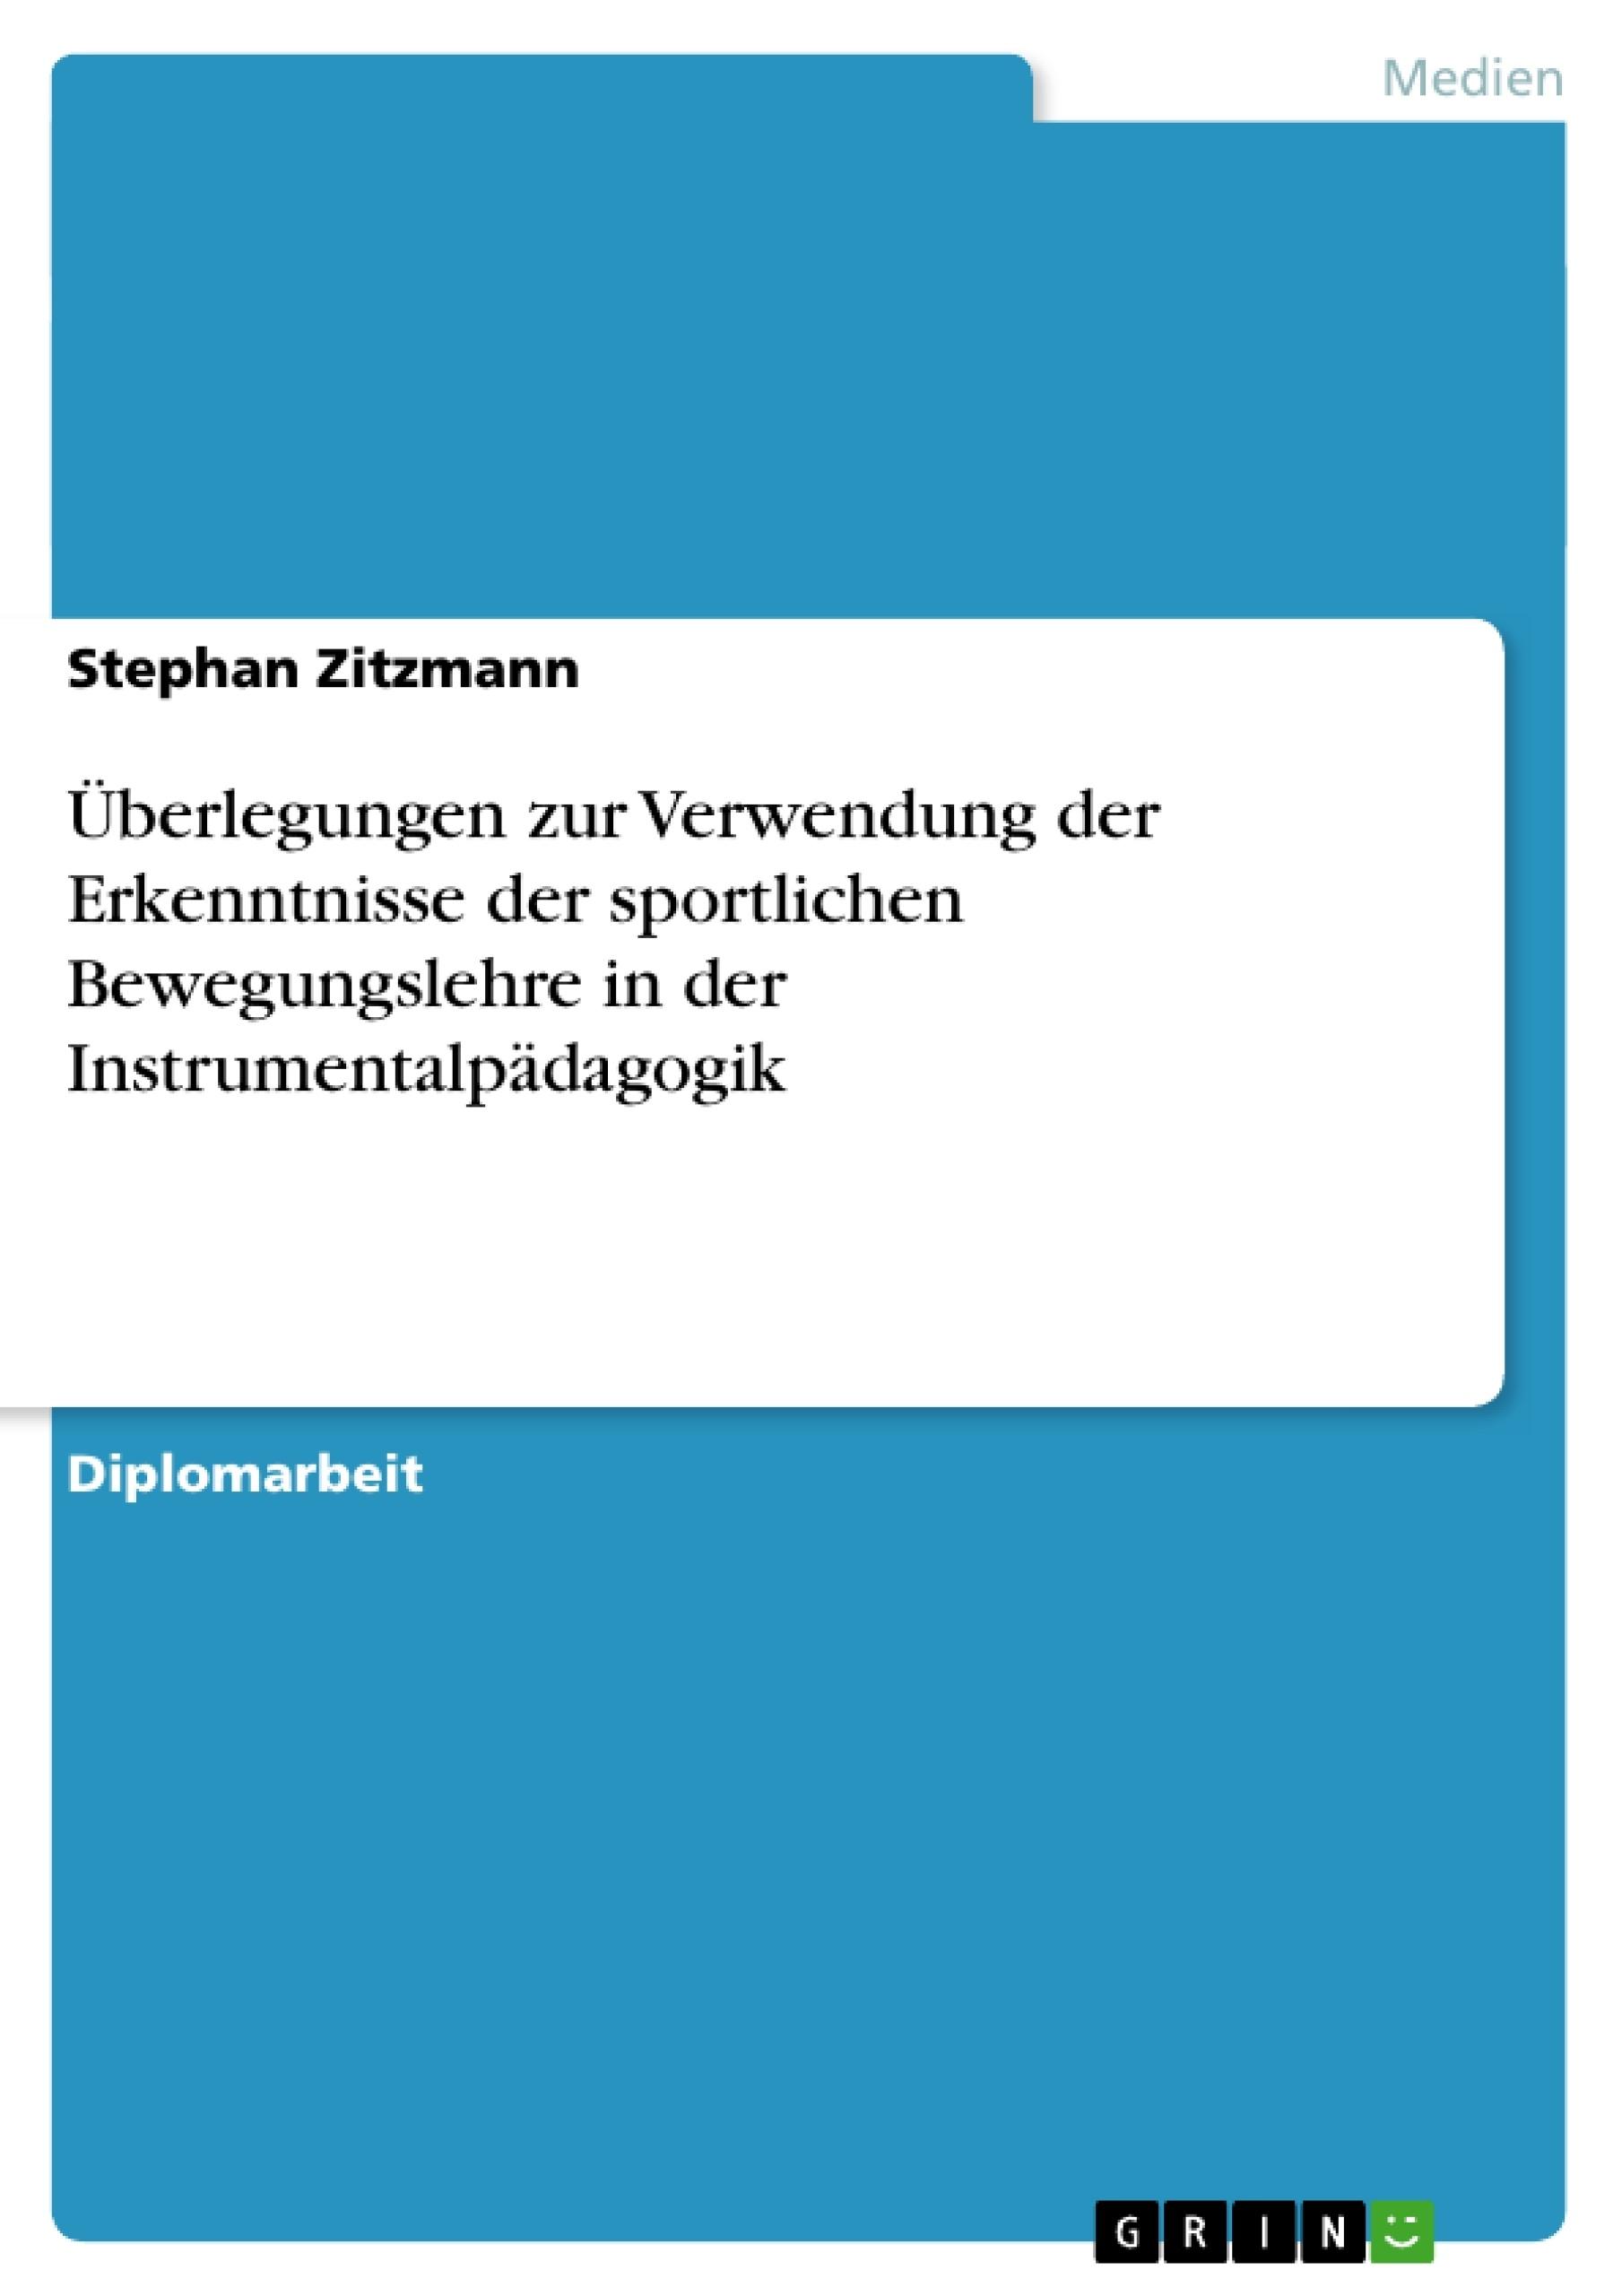 Titel: Überlegungen zur Verwendung der Erkenntnisse der sportlichen Bewegungslehre in der Instrumentalpädagogik